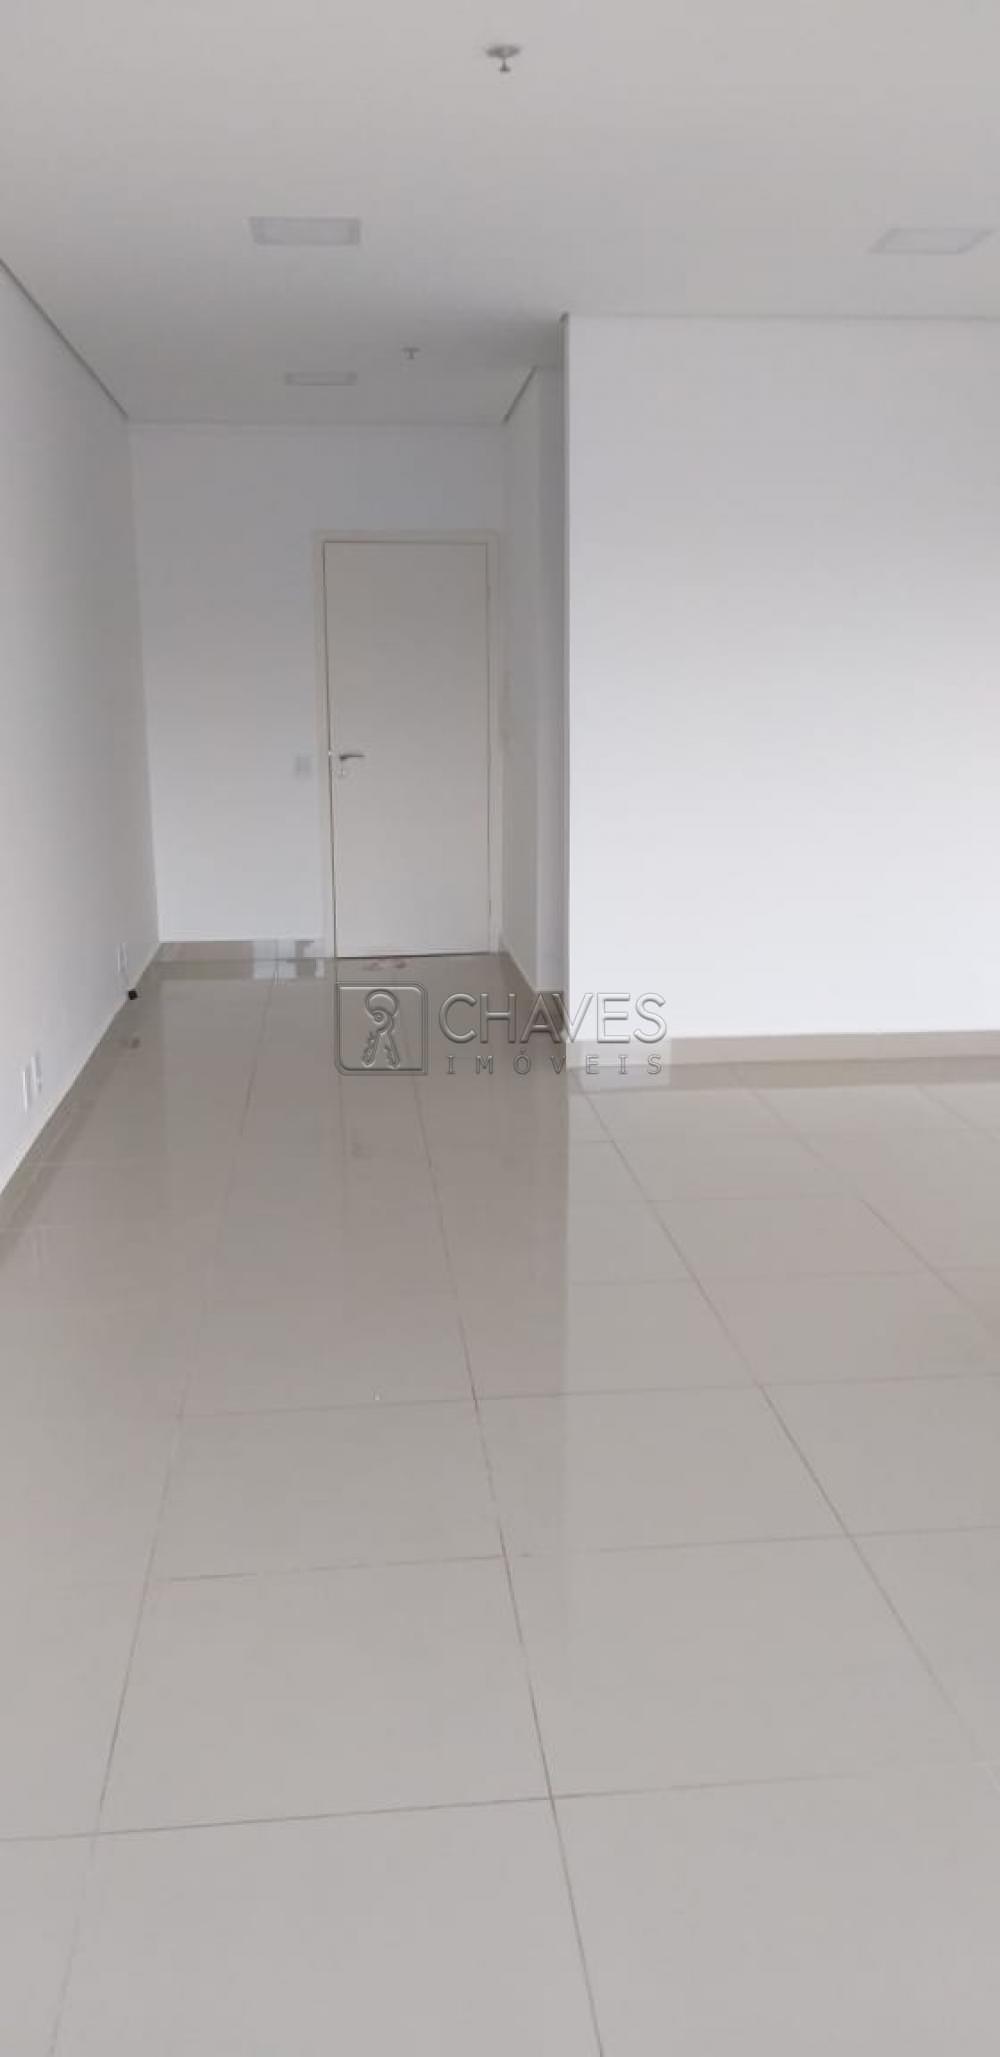 Alugar Comercial / Sala em Condomínio em Ribeirão Preto R$ 900,00 - Foto 2